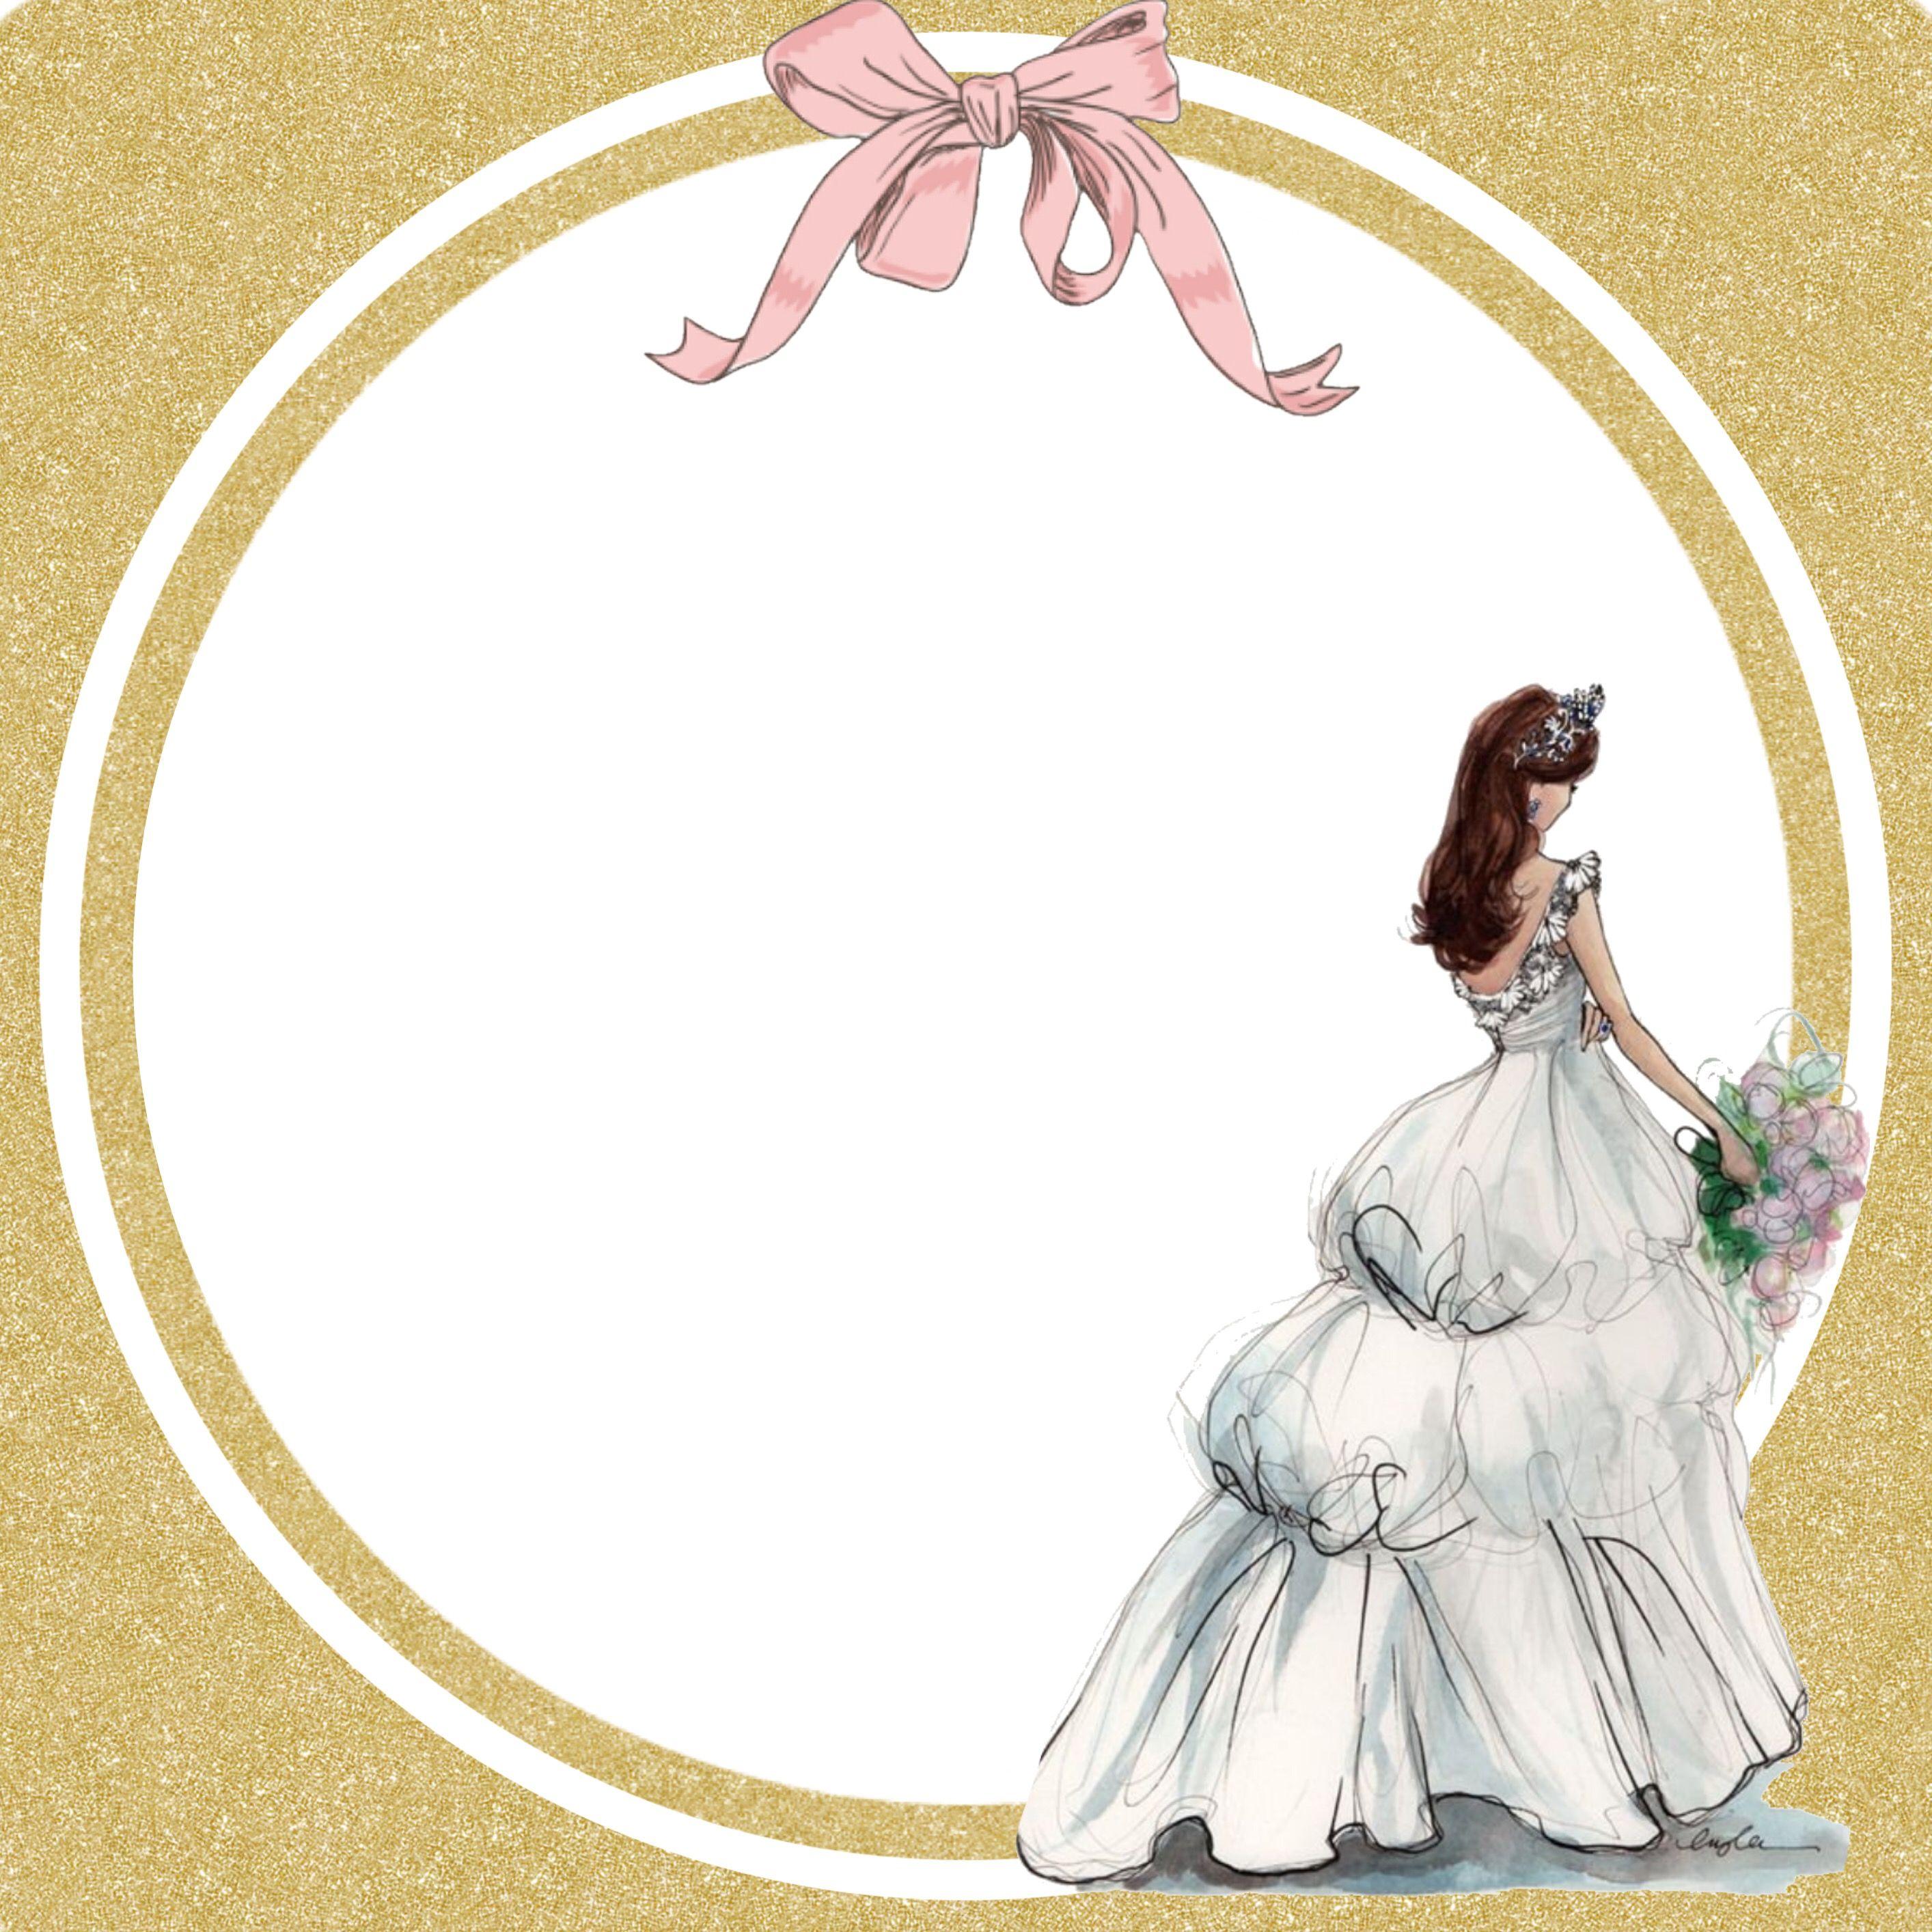 Tugba Nin Ceyizi Wedding Drawing Watercolor Floral Wedding Invitations Wedding Invitation Background